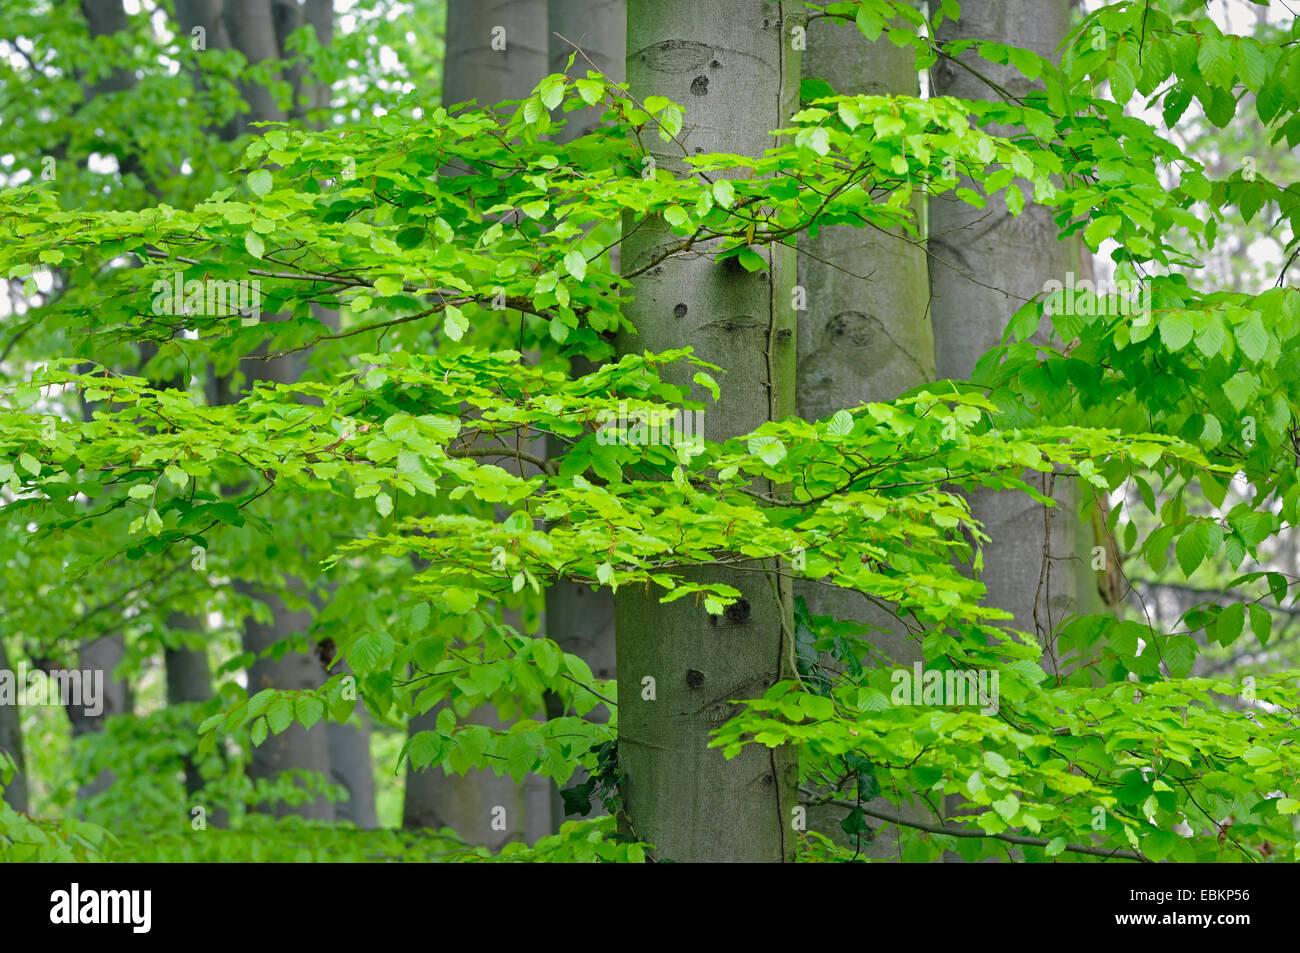 Comunes De haya (Fagus sylvatica), hayas comunes con las hojas jóvenes, Alemania Foto de stock